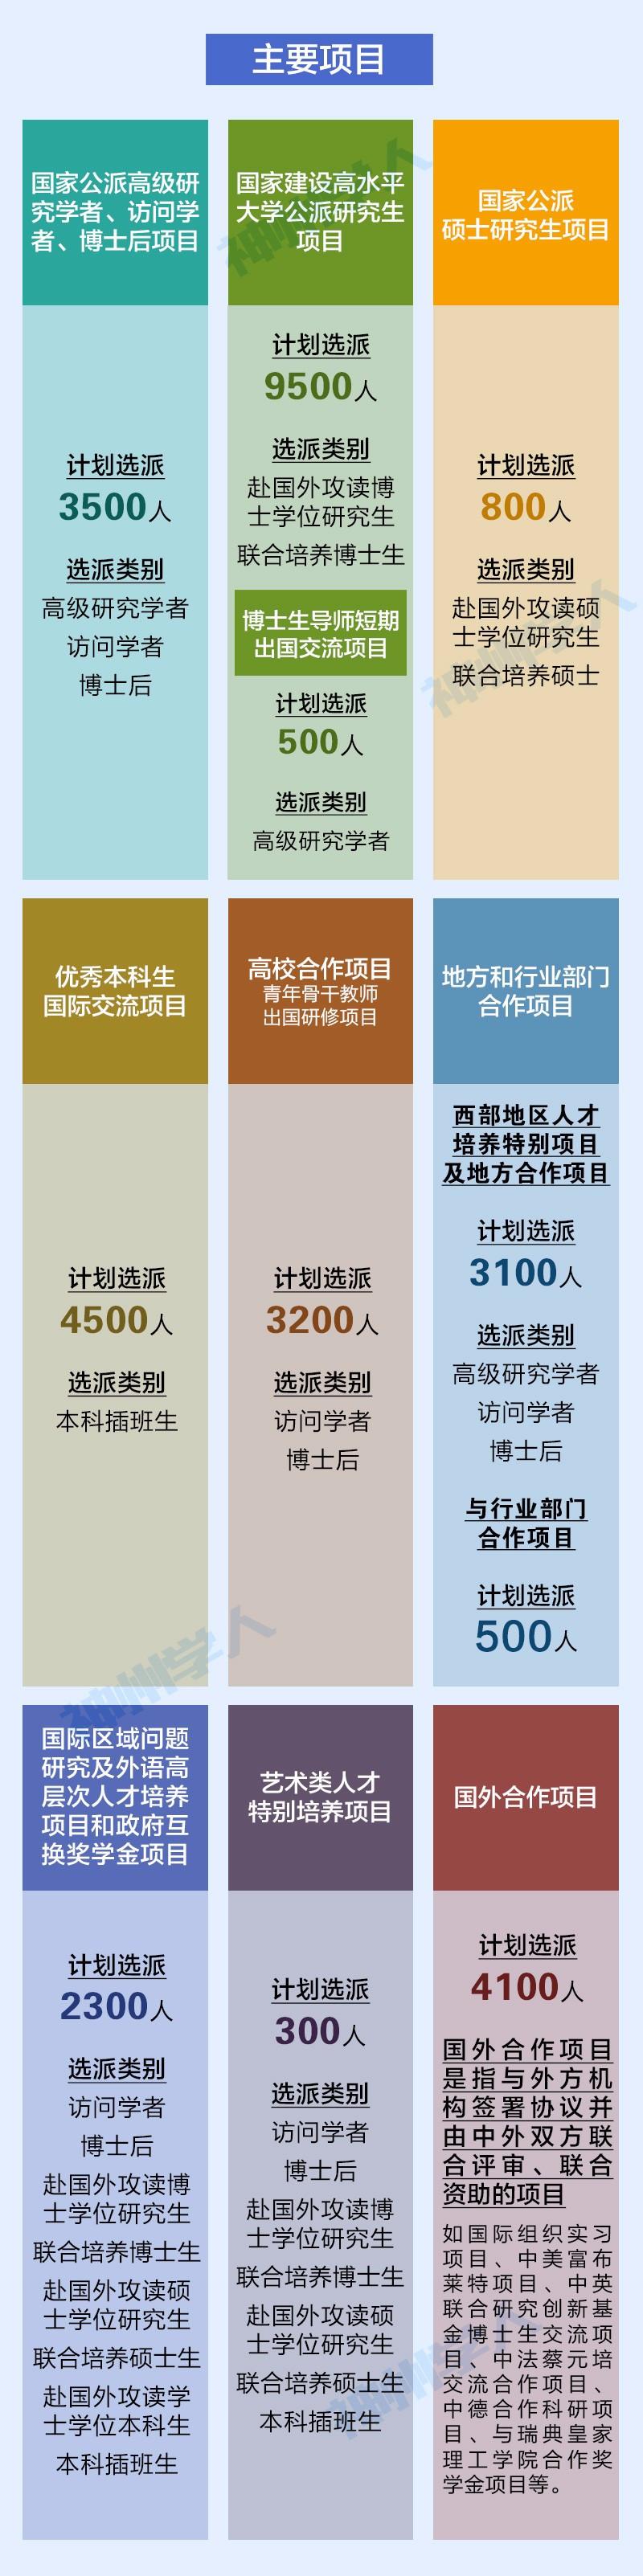 32300个名额!2018年国家公派留学人员选派简章发布